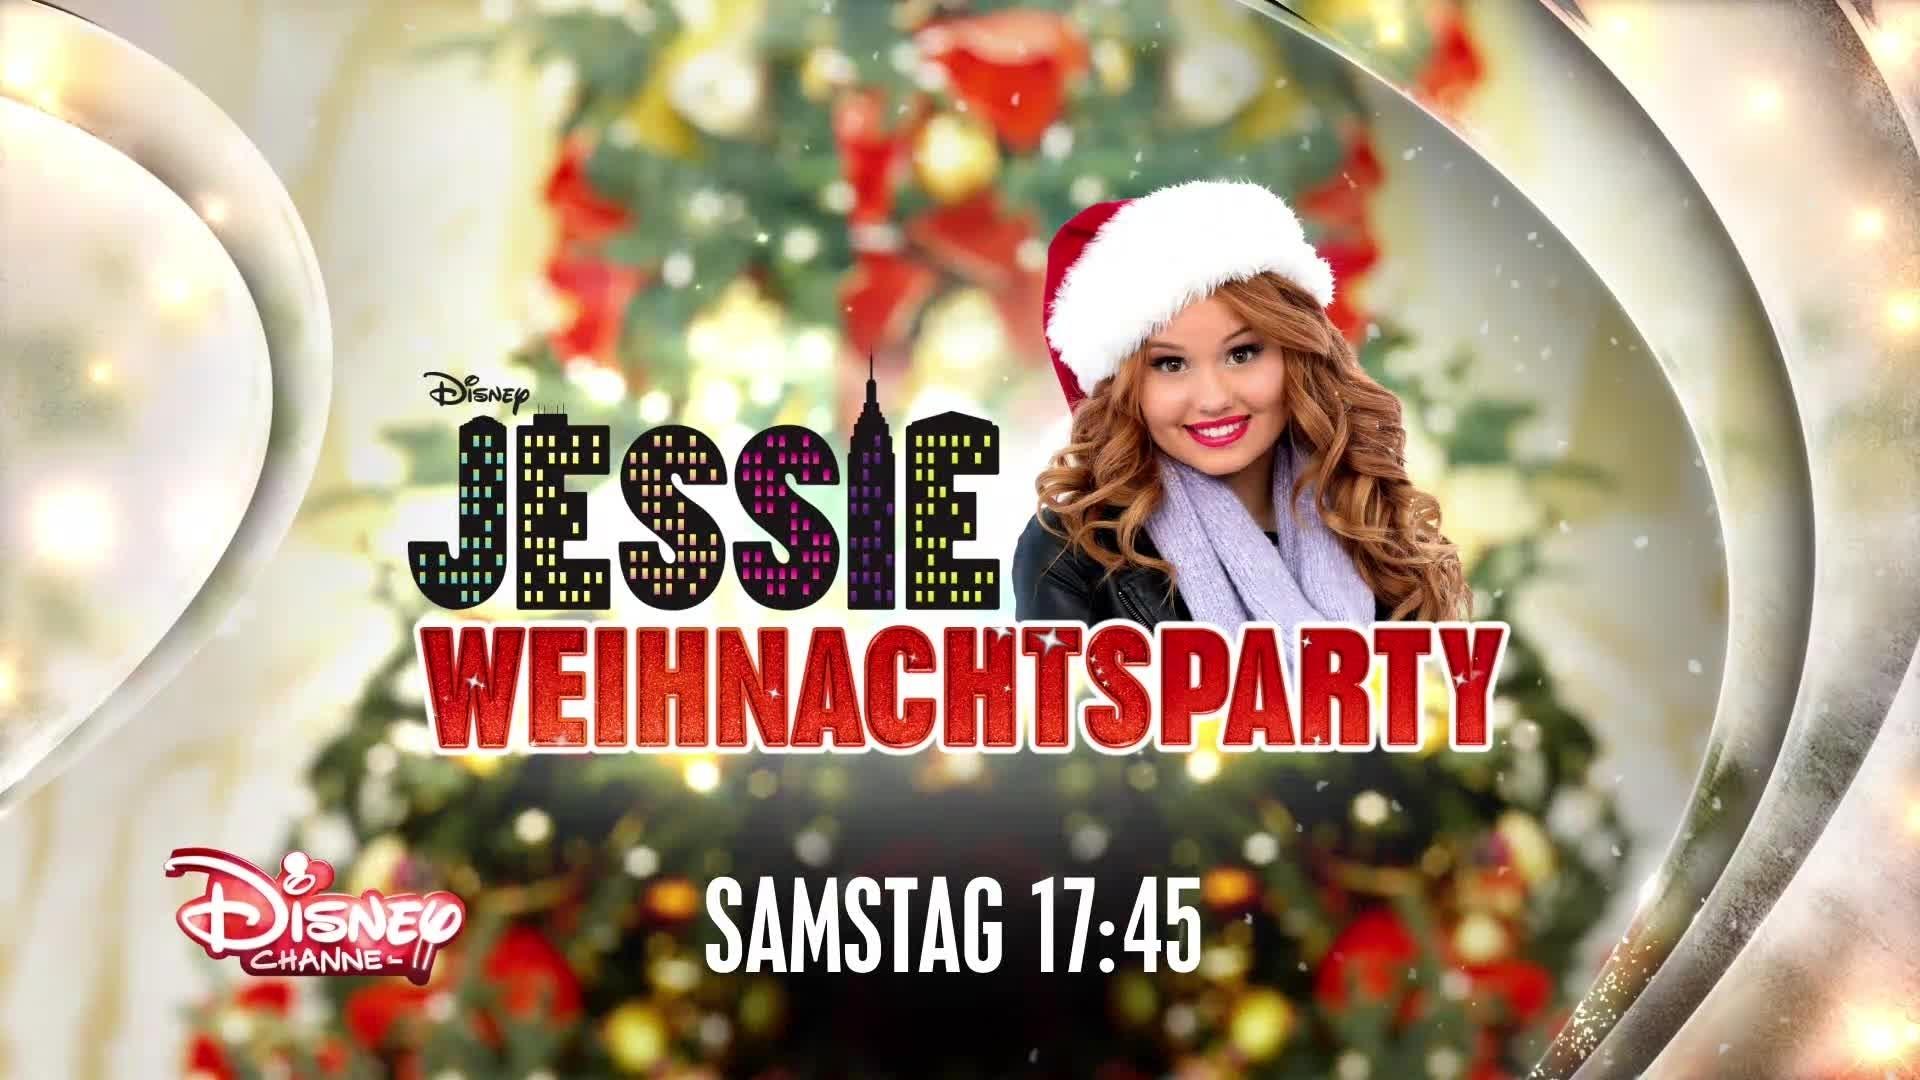 Jessie Weihnachtsparty - Die Weihnachtsparty mit Jessie